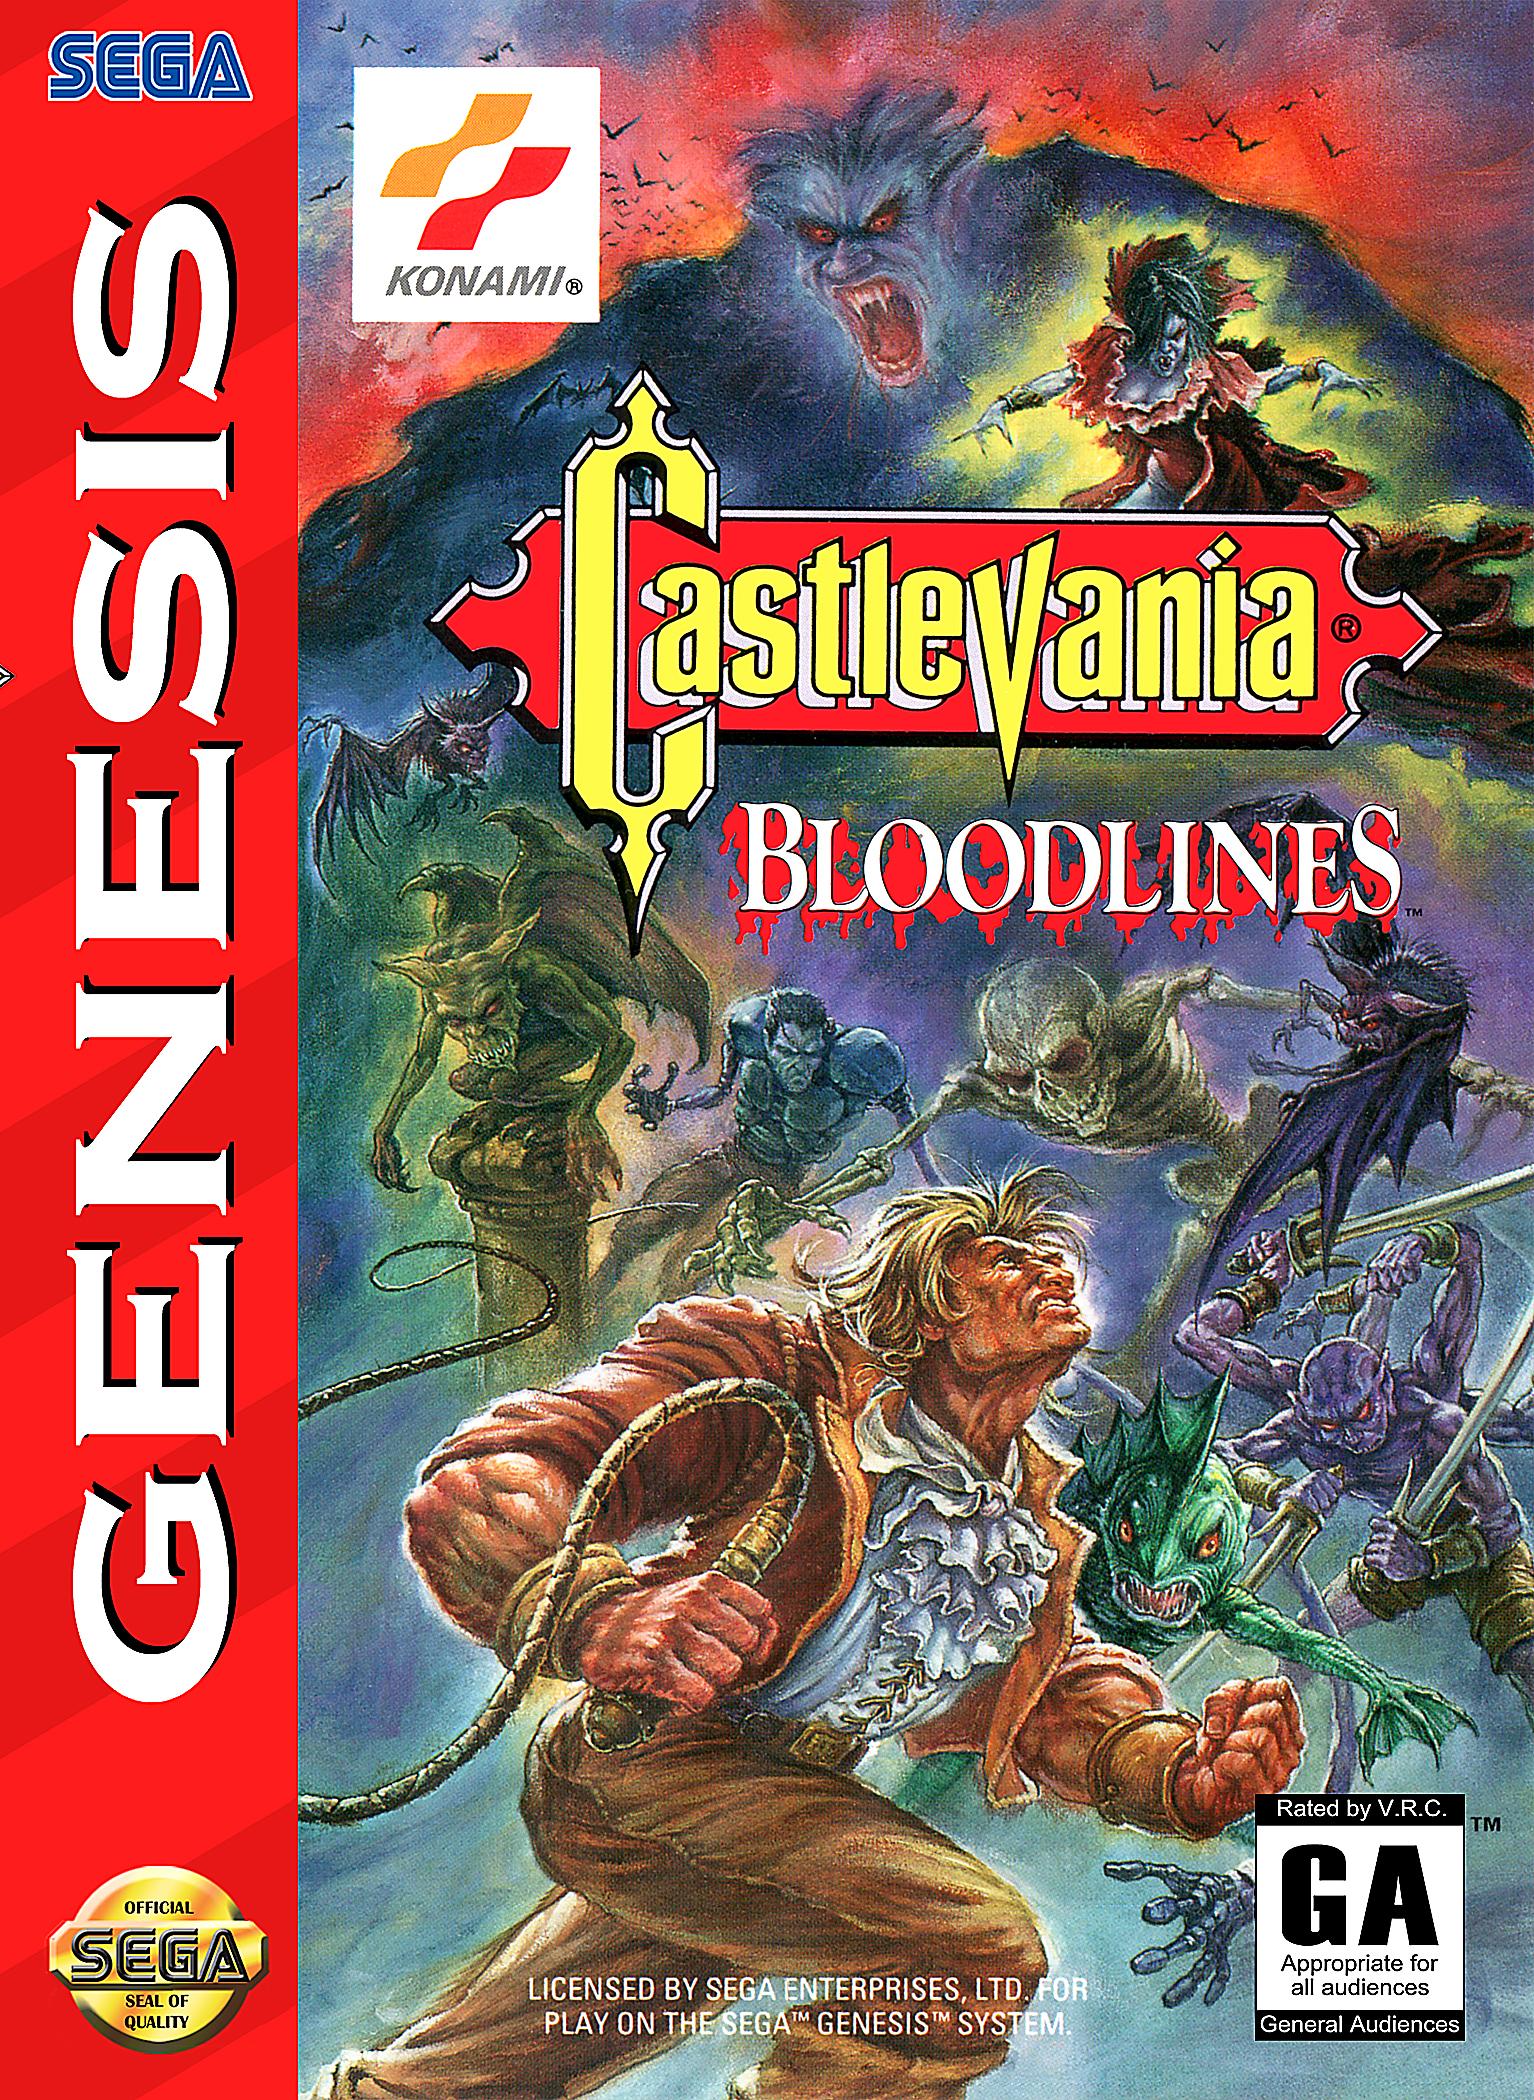 Castlevania: Bloodlines | Castlevania Wiki | FANDOM powered by Wikia